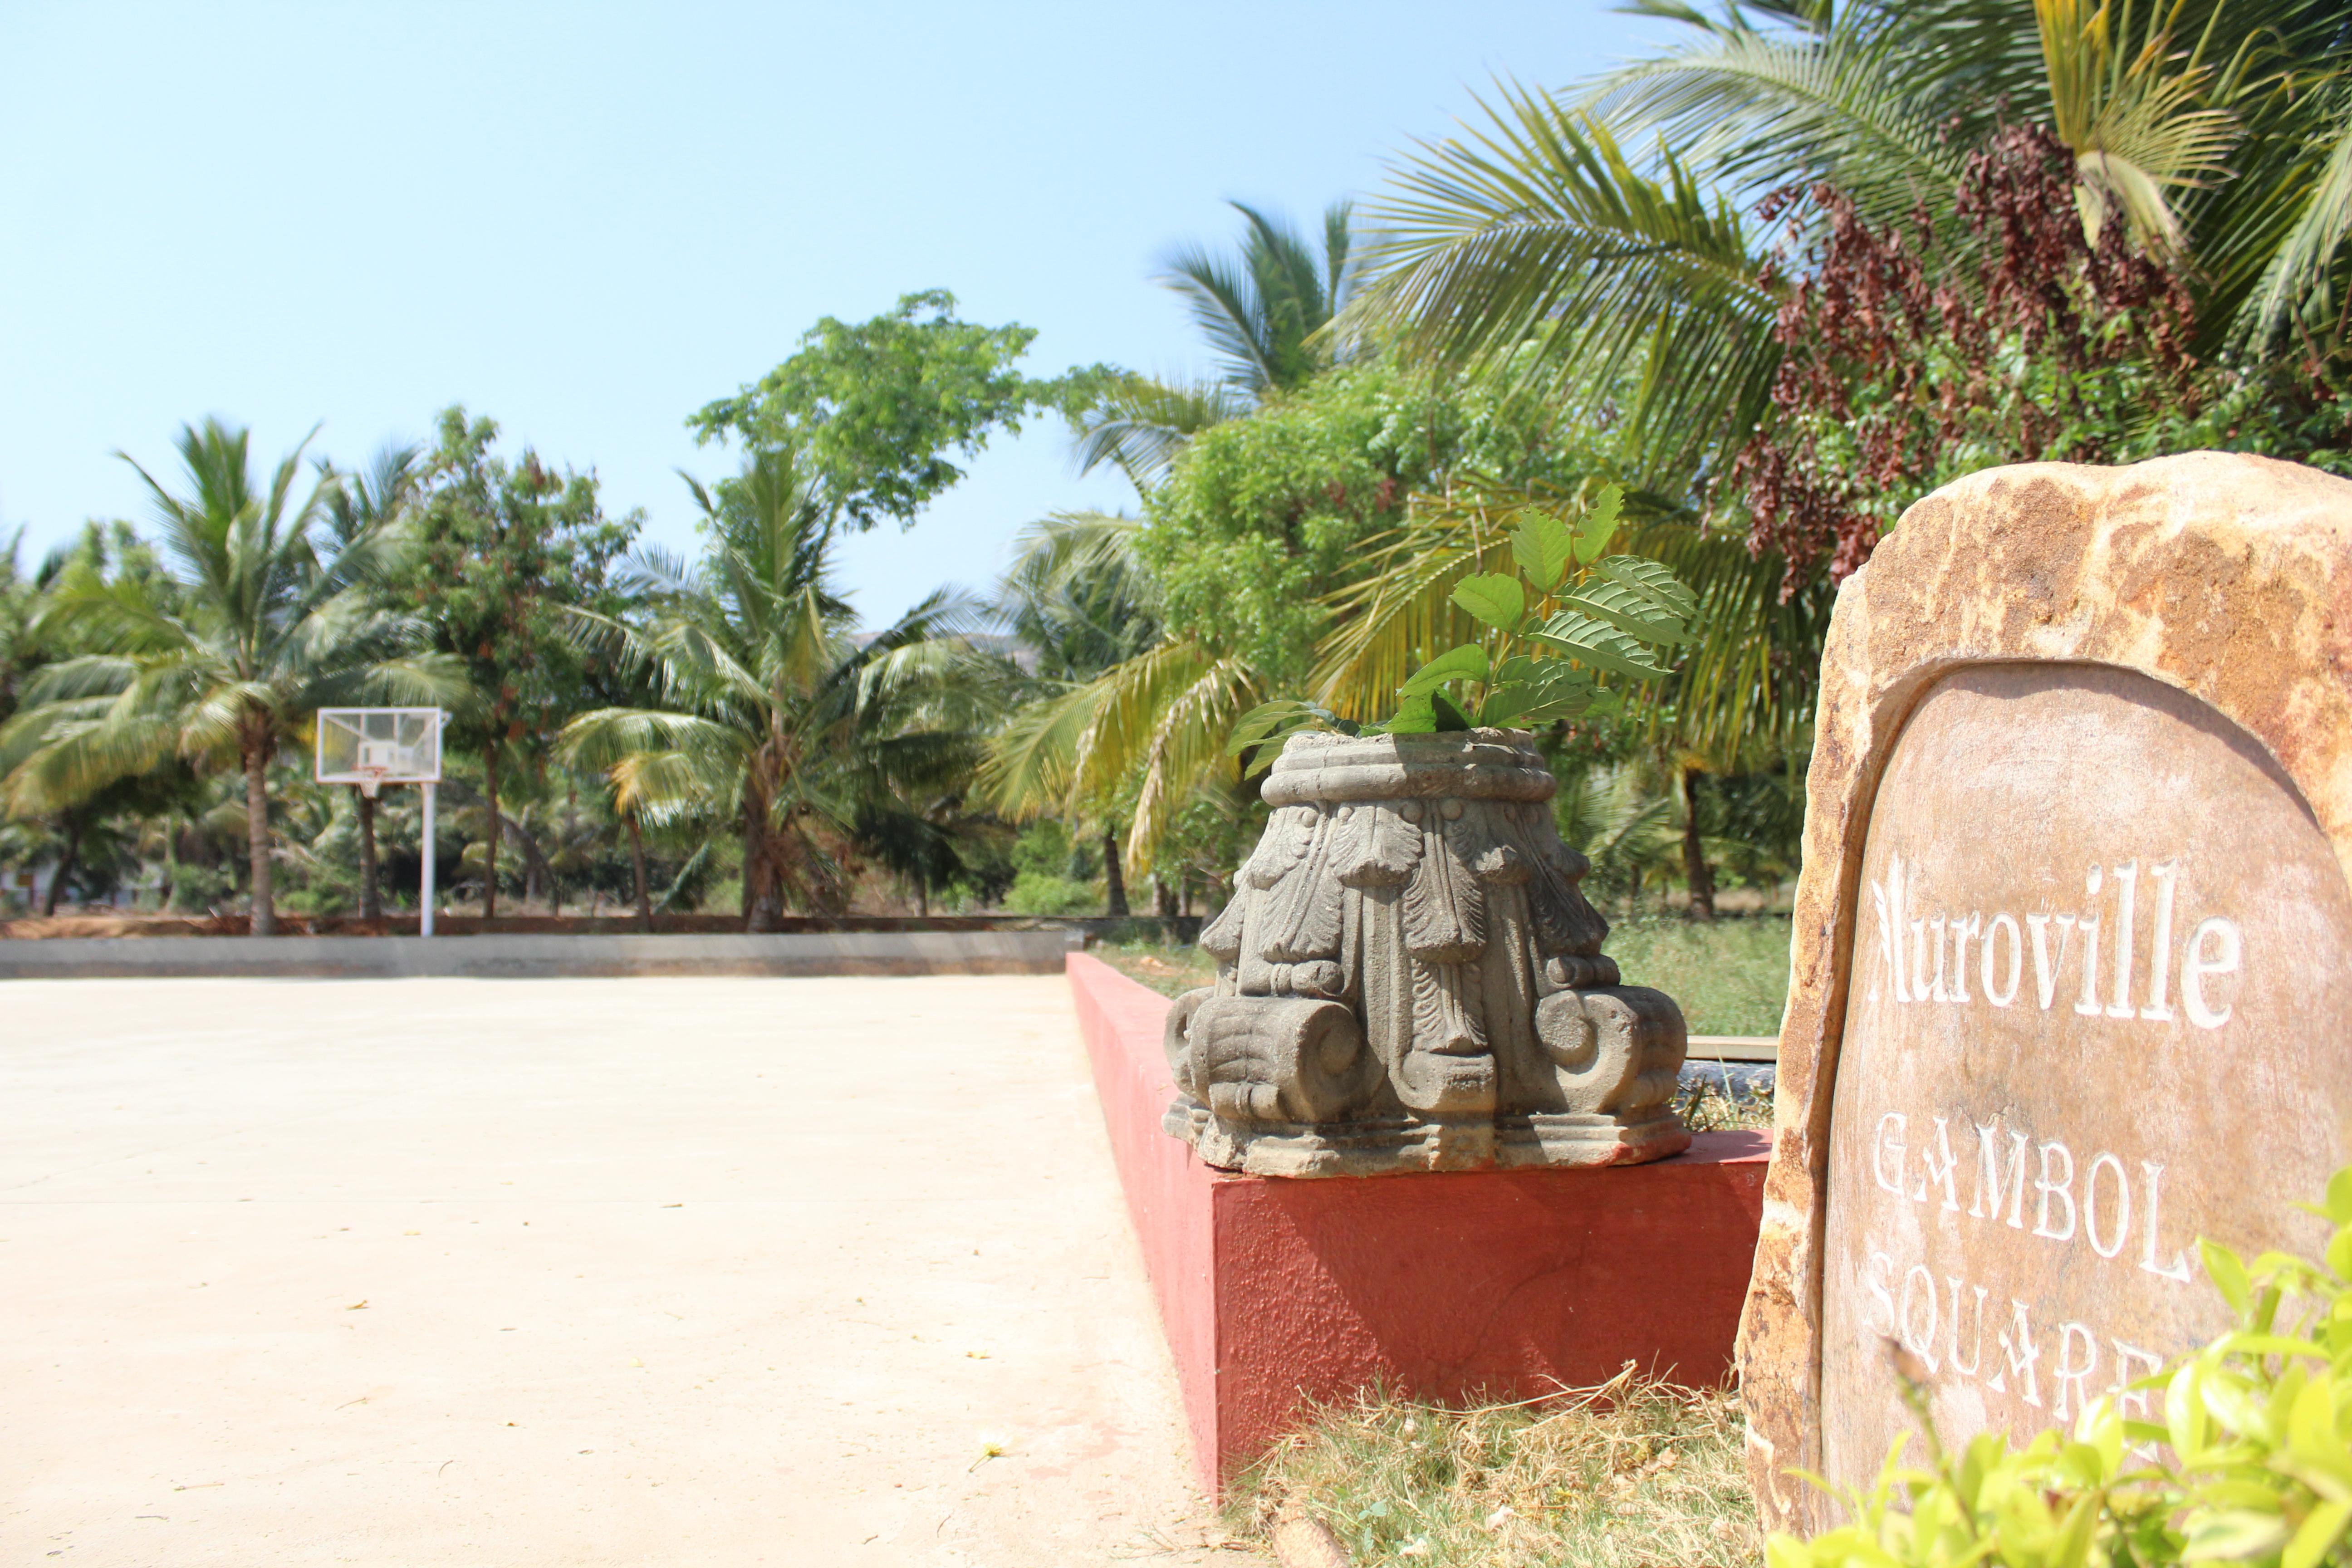 Gambol Square